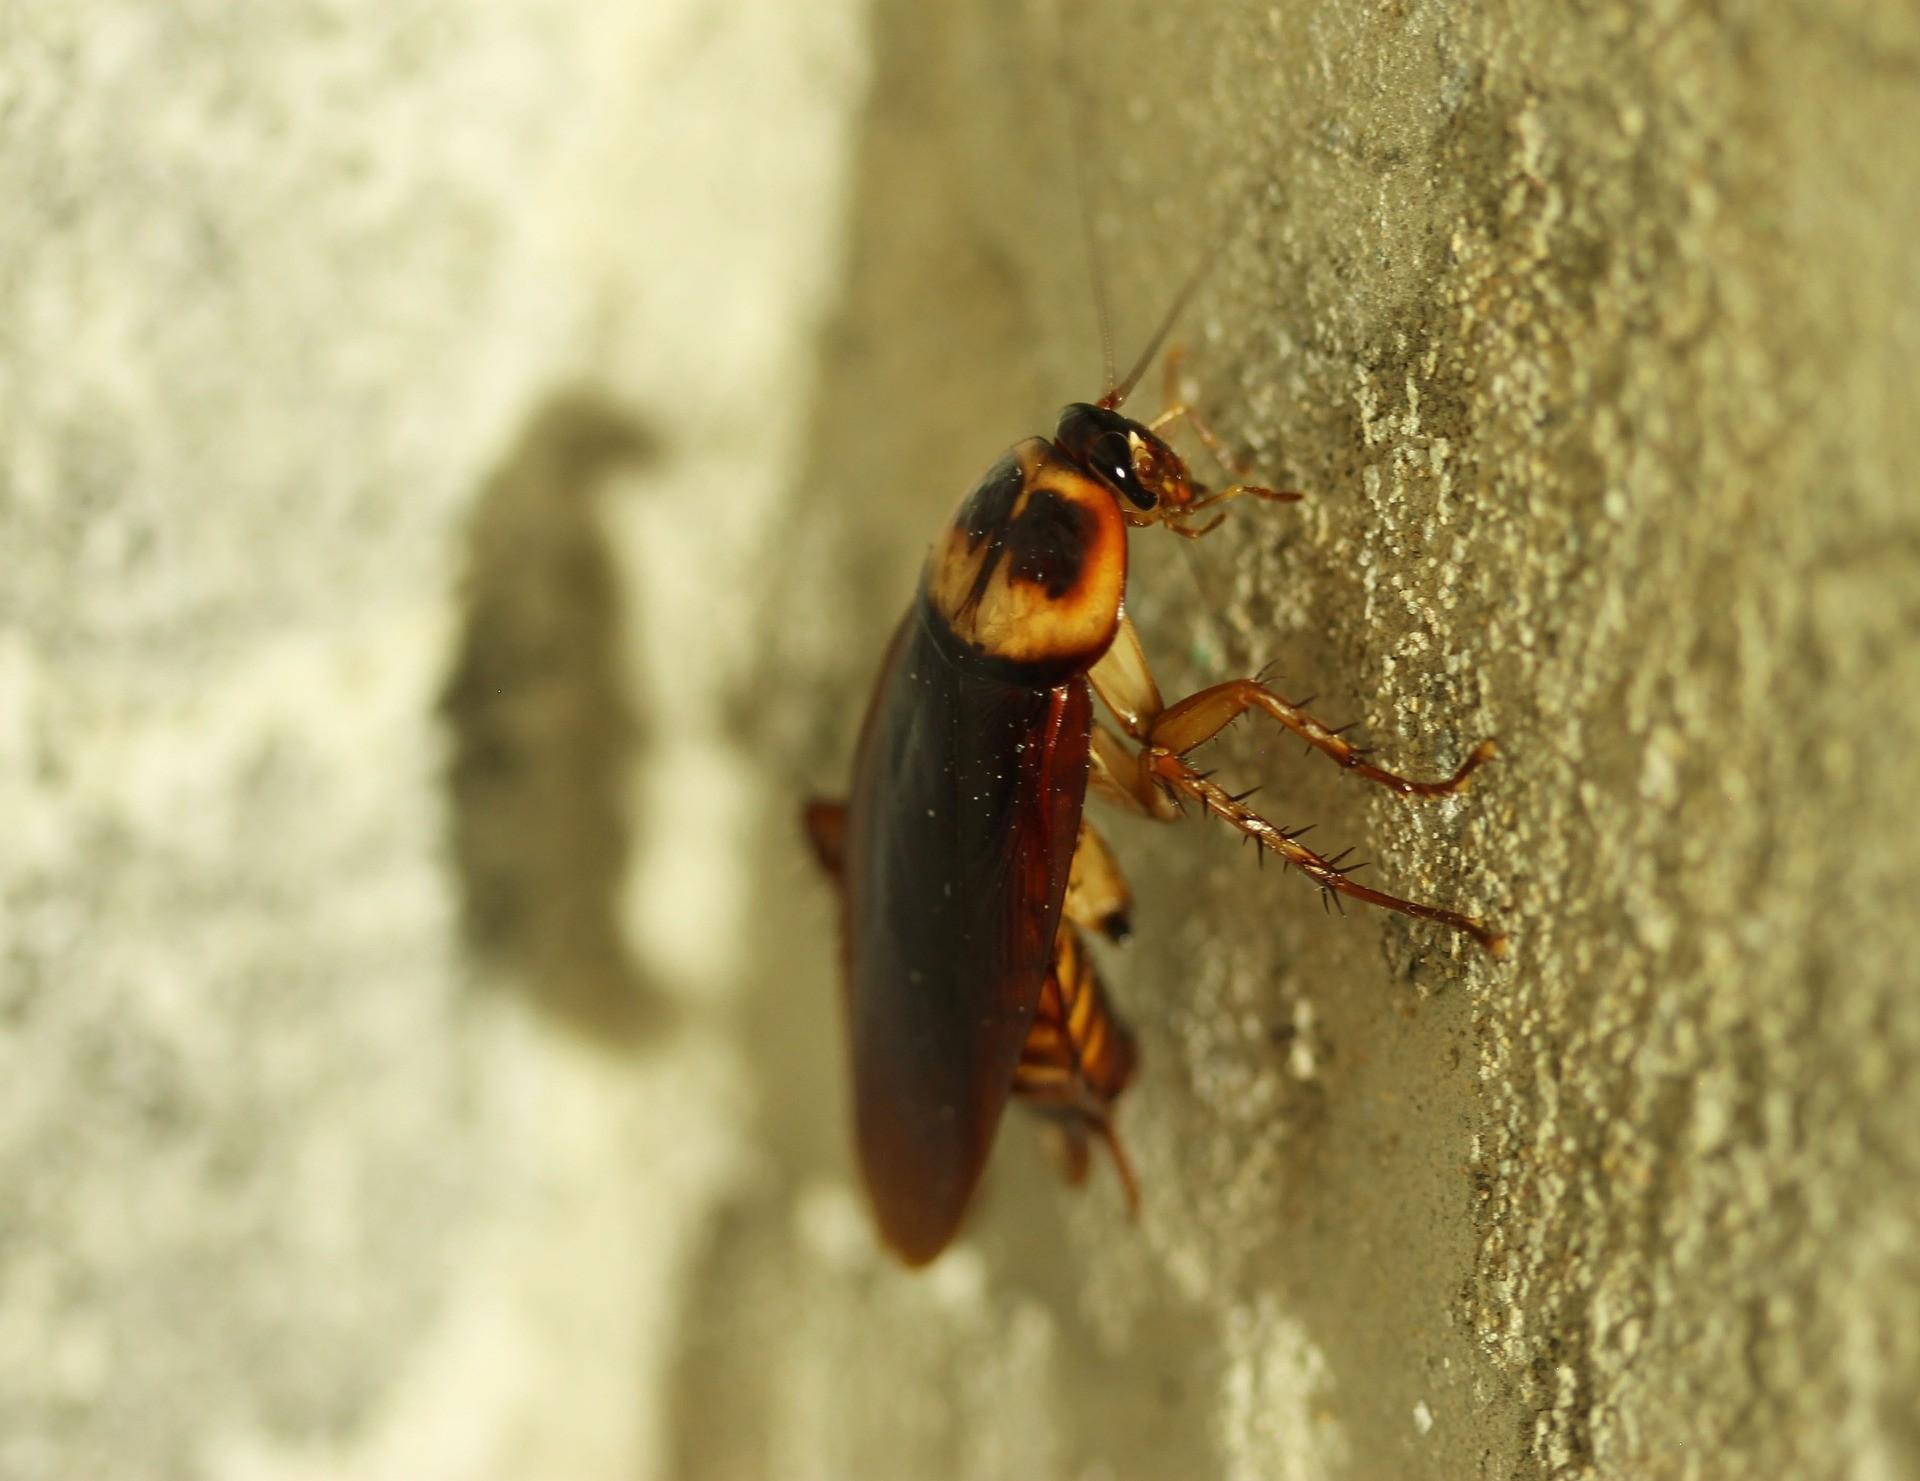 Invasão de baratas no calor? Entenda por que o inseto aparece mais no verão